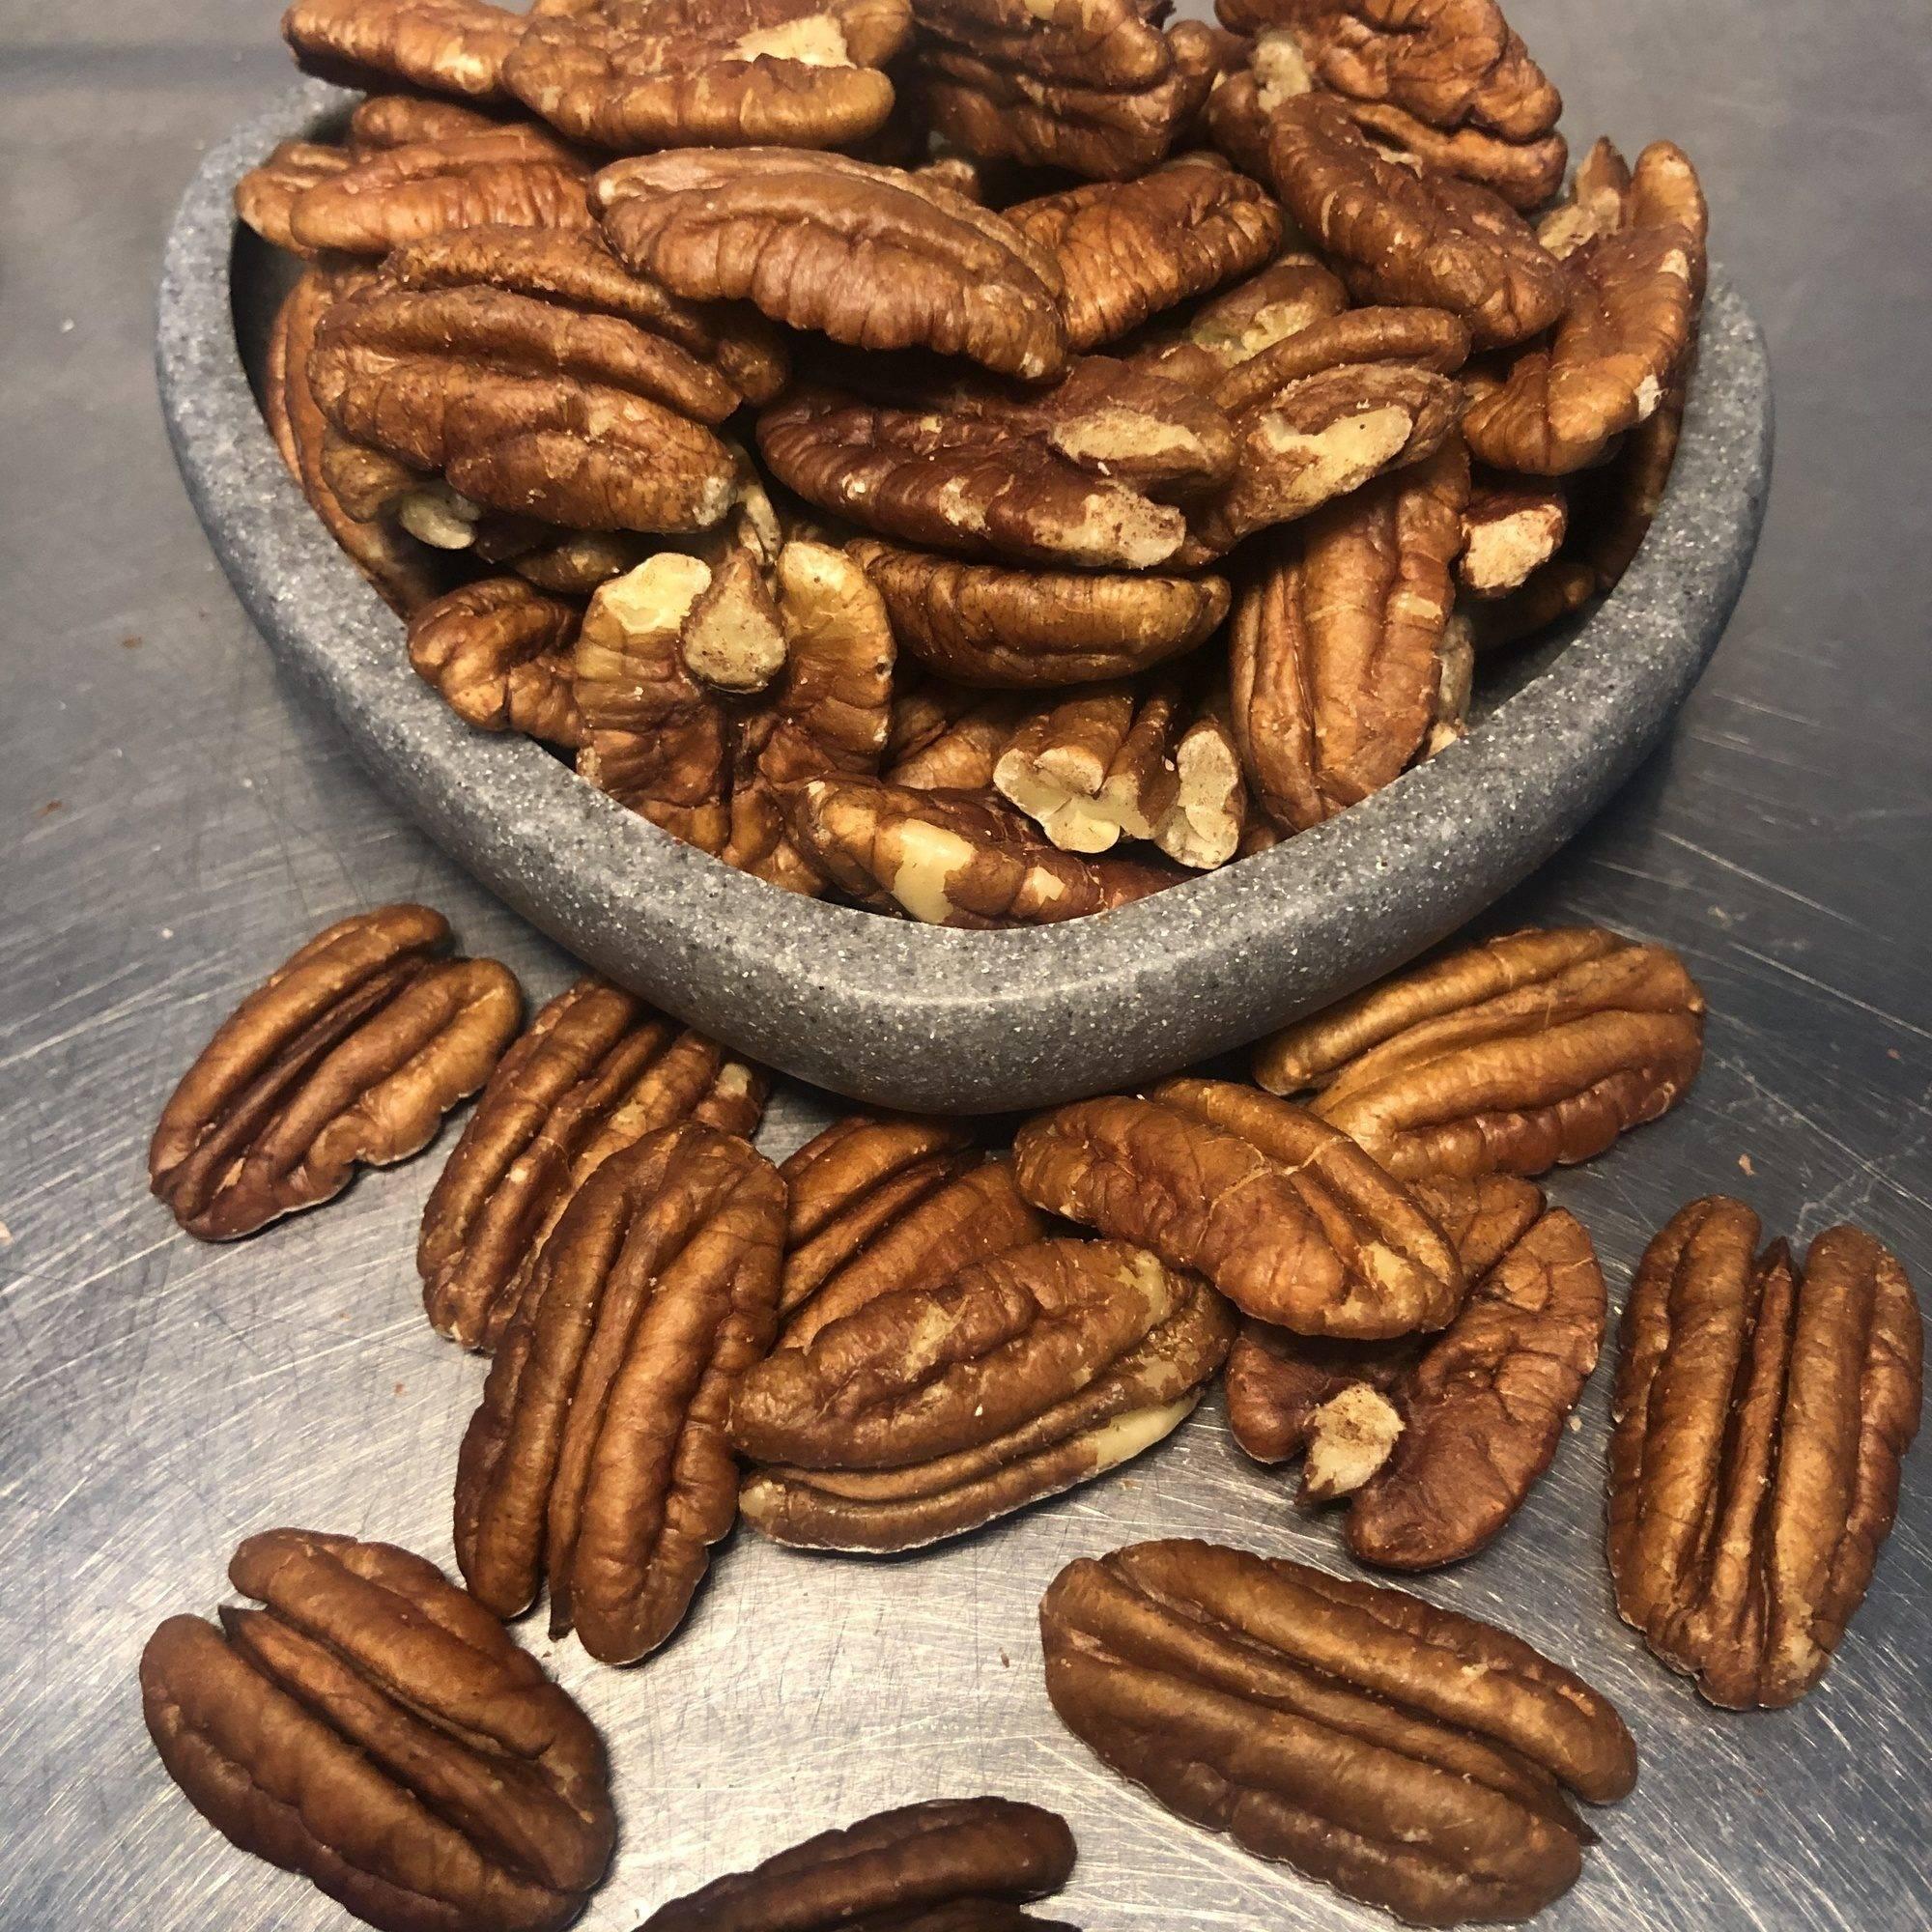 Орех пекан – польза и вред, правила выбора и хранения